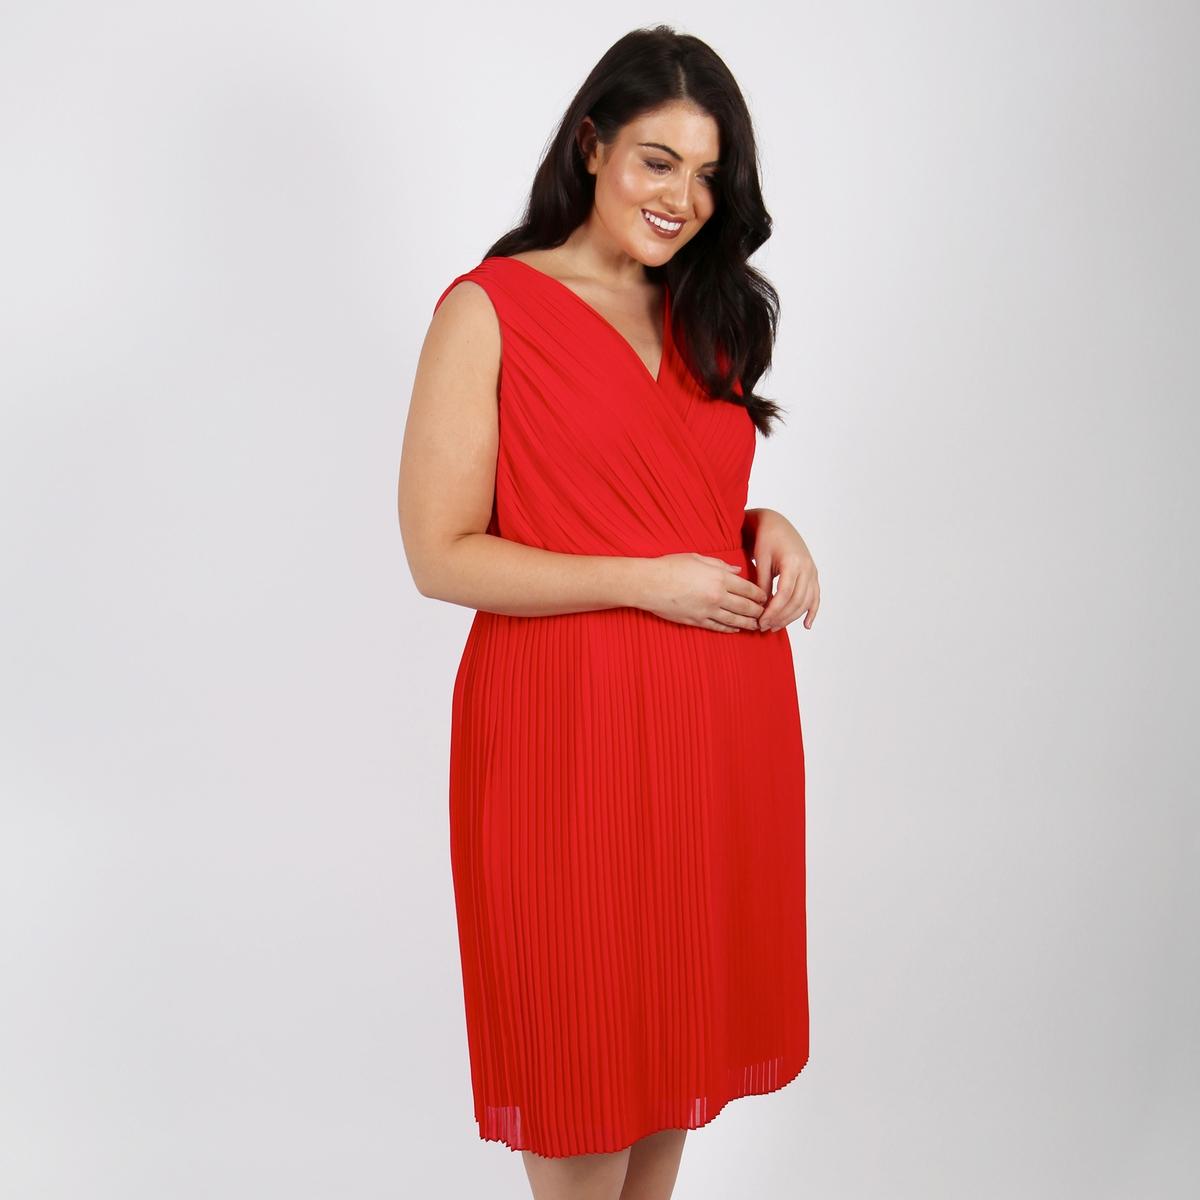 Платье роднотонное средней длины, расширяющееся книзу, без рукавов от LOVEDROBE